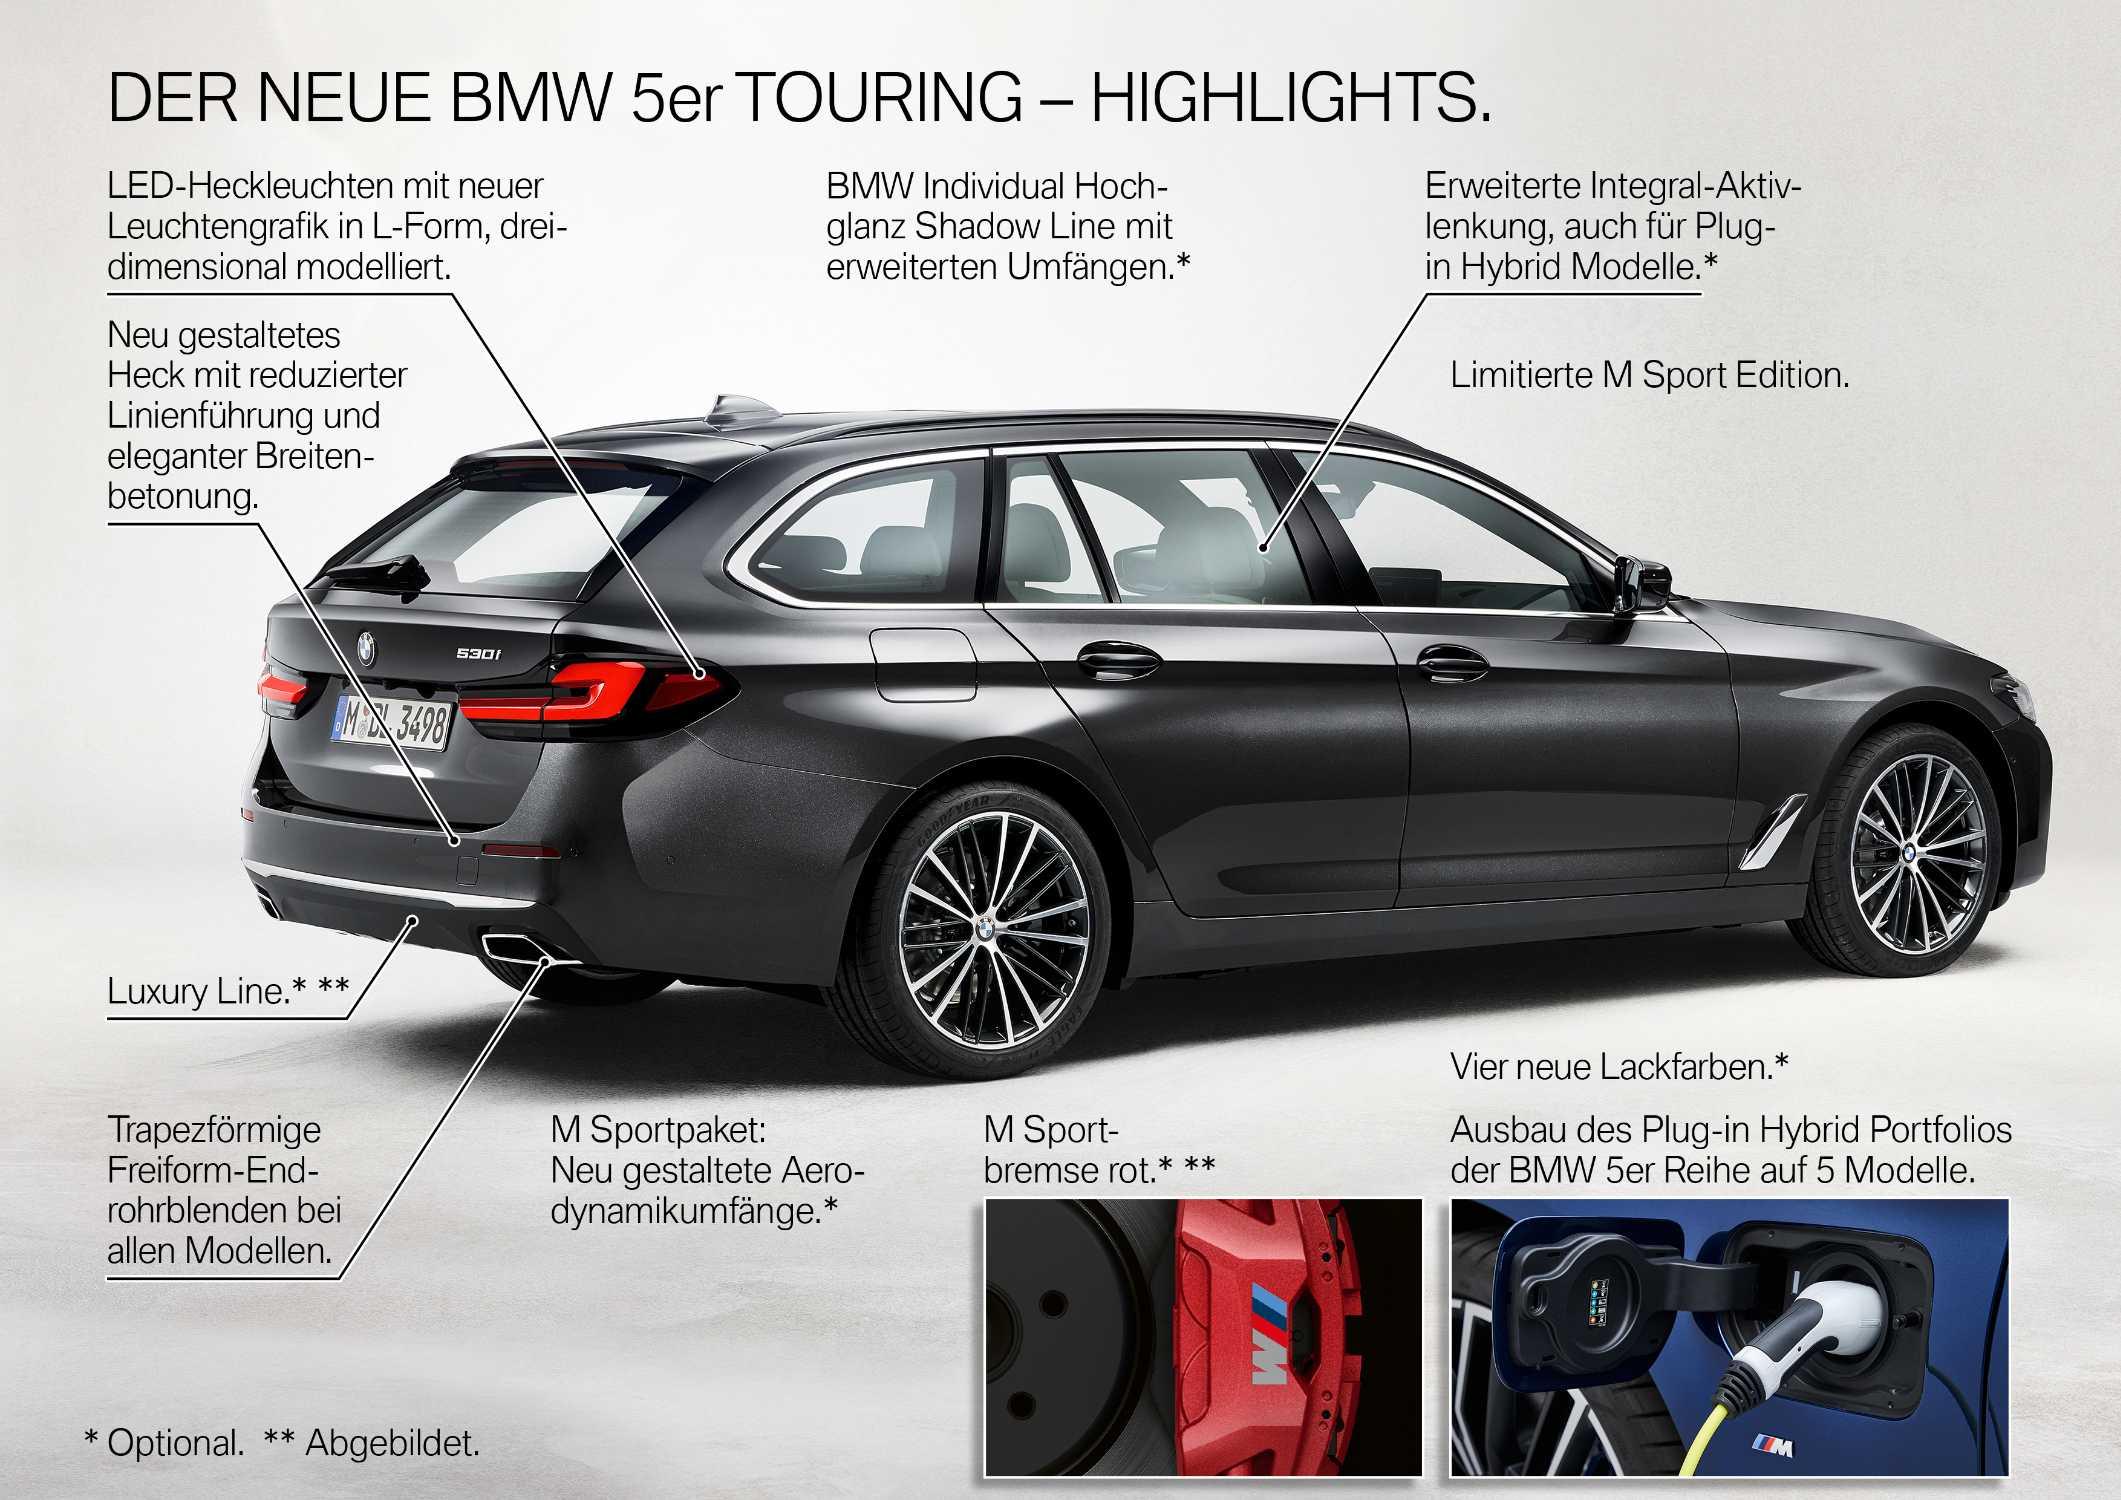 Der neue BMW 5er Touring - Highlights (05/2020)